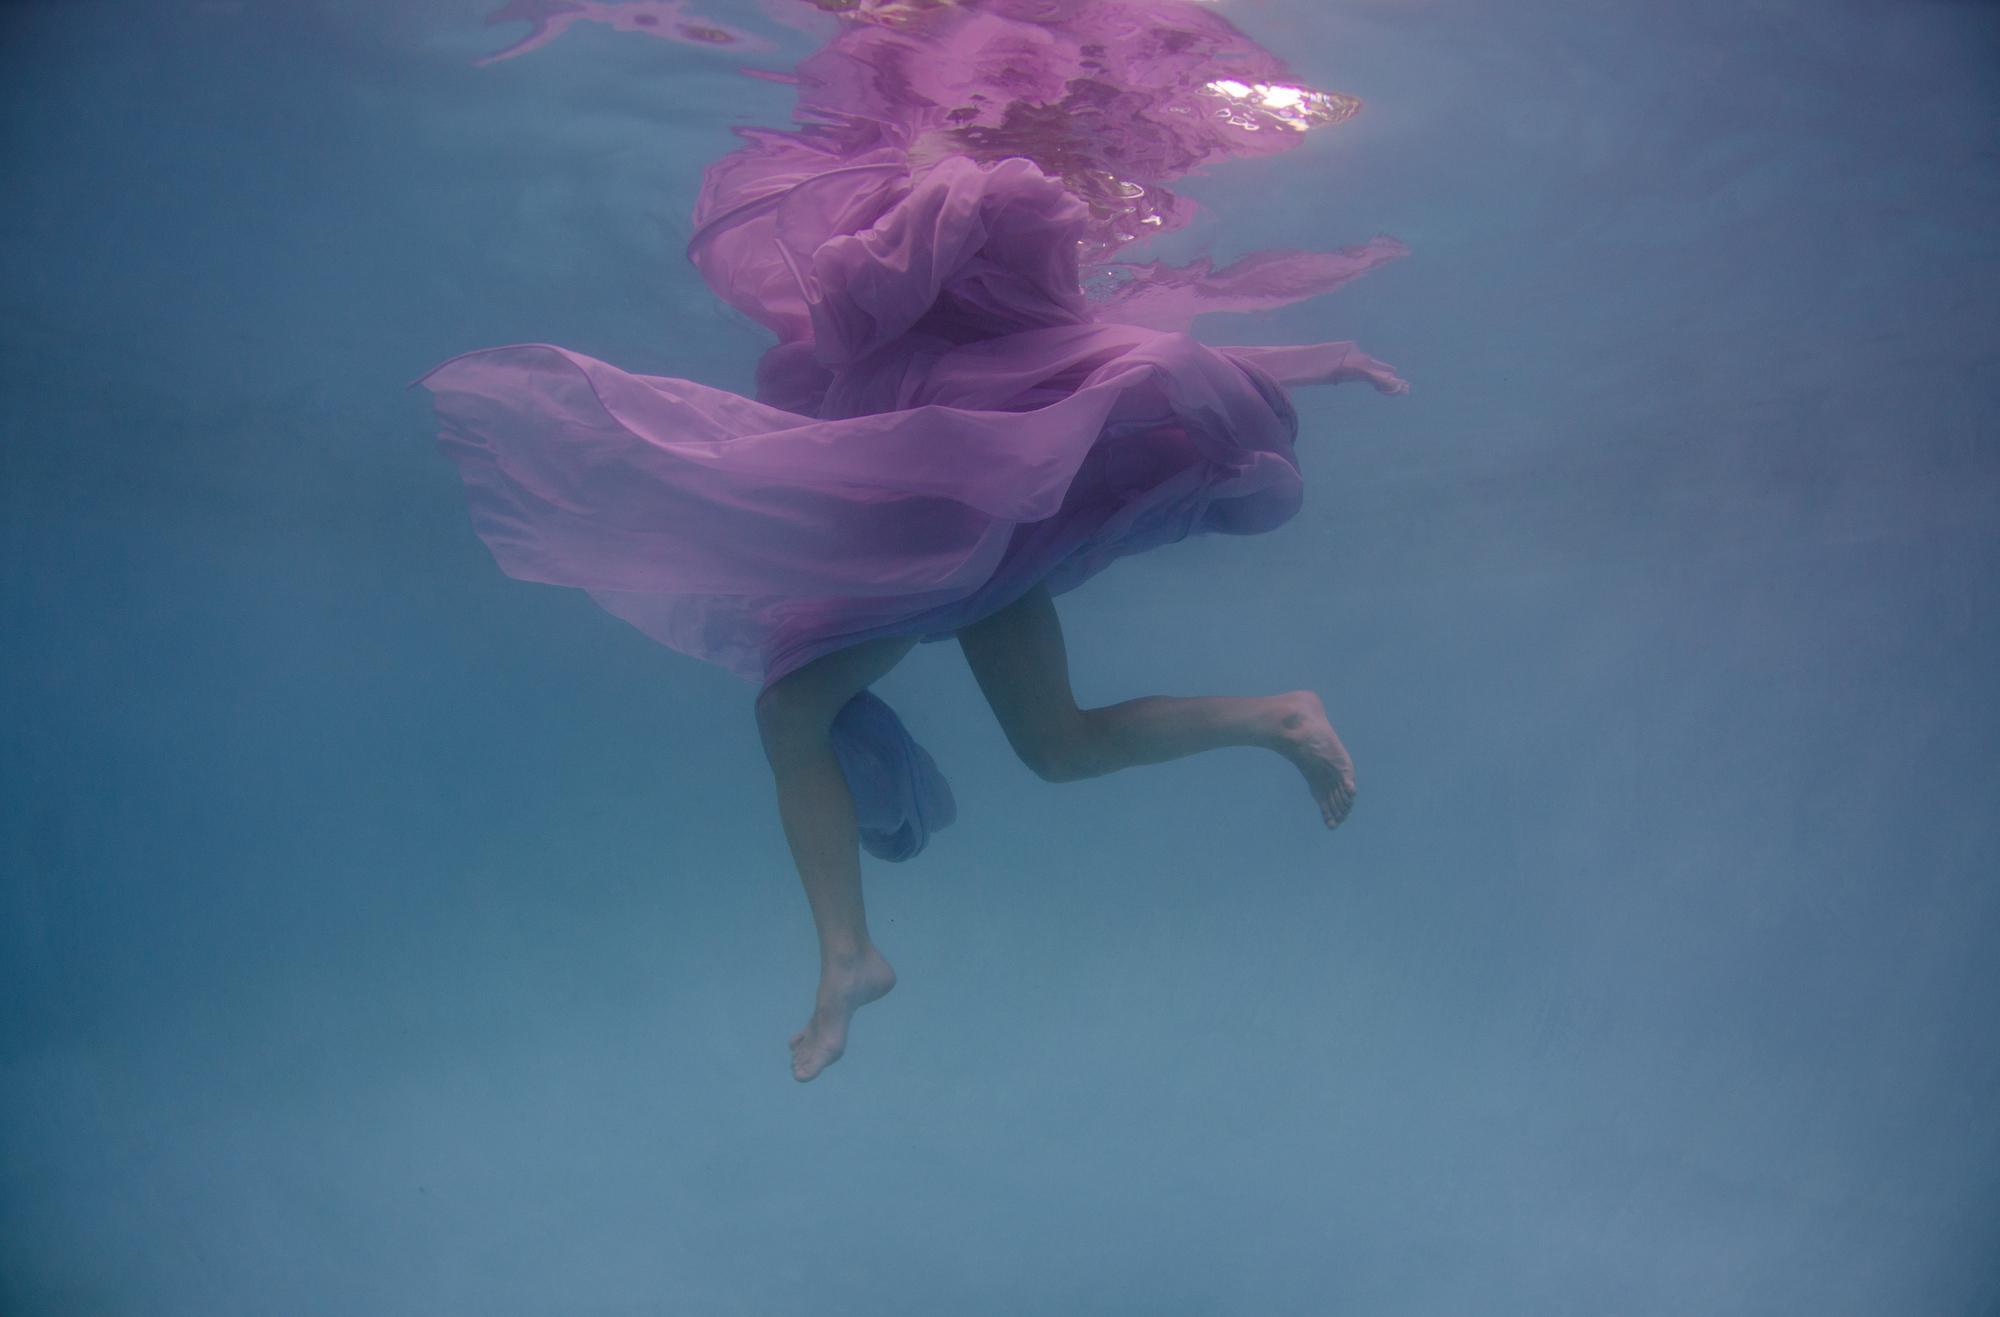 Dana underwater silks13660.JPG